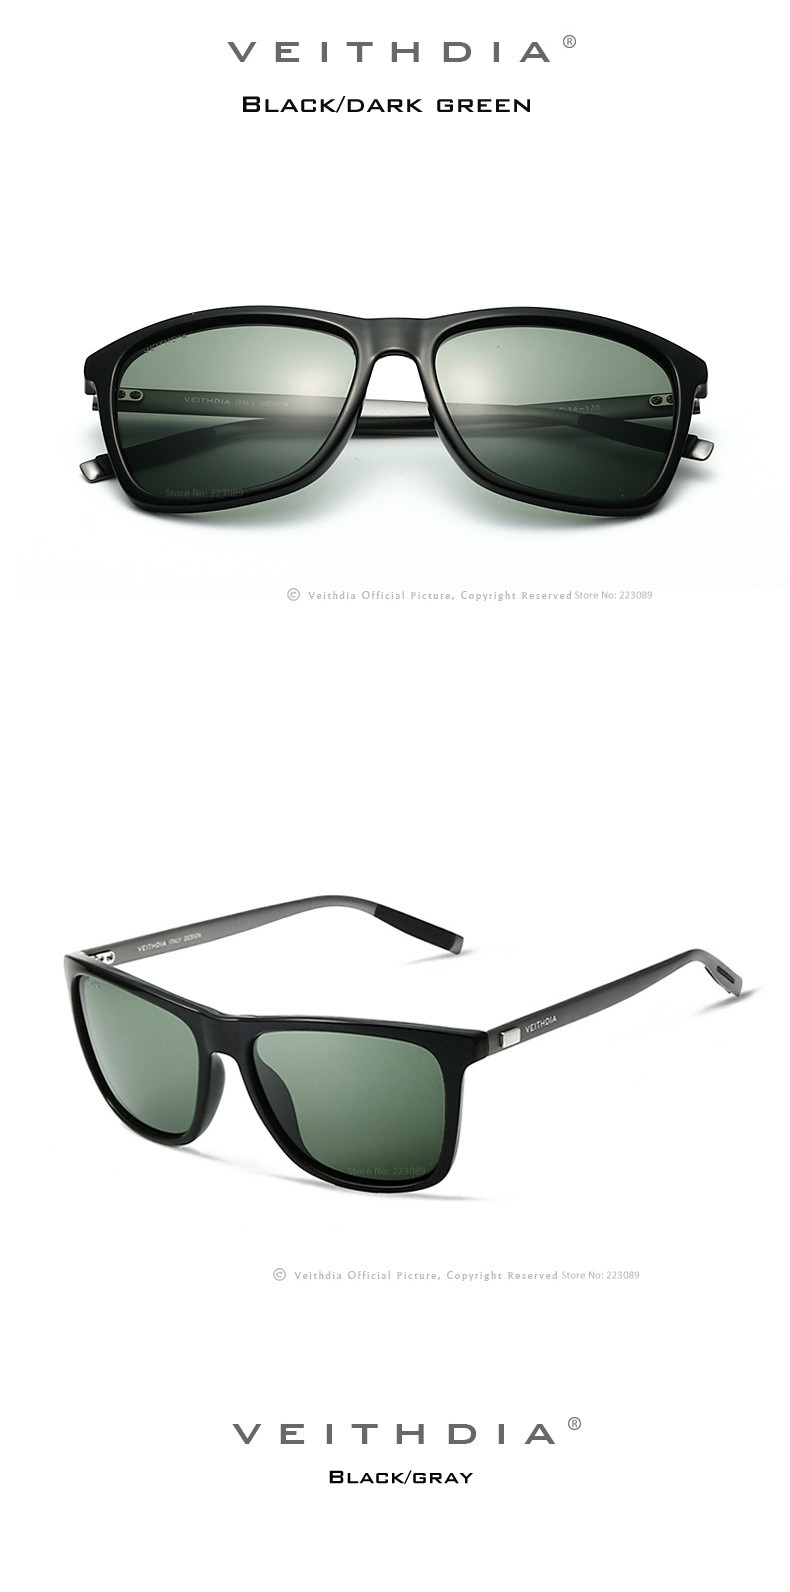 5b052bce38 ... HTB1IdO7LpXXXXXyaXXXq6xXFXXXX Storfey.com VEITHDIA Brand Unisex Retro  Aluminum+TR90 Sunglasses Polarized Lens Vintage Eyewear ...